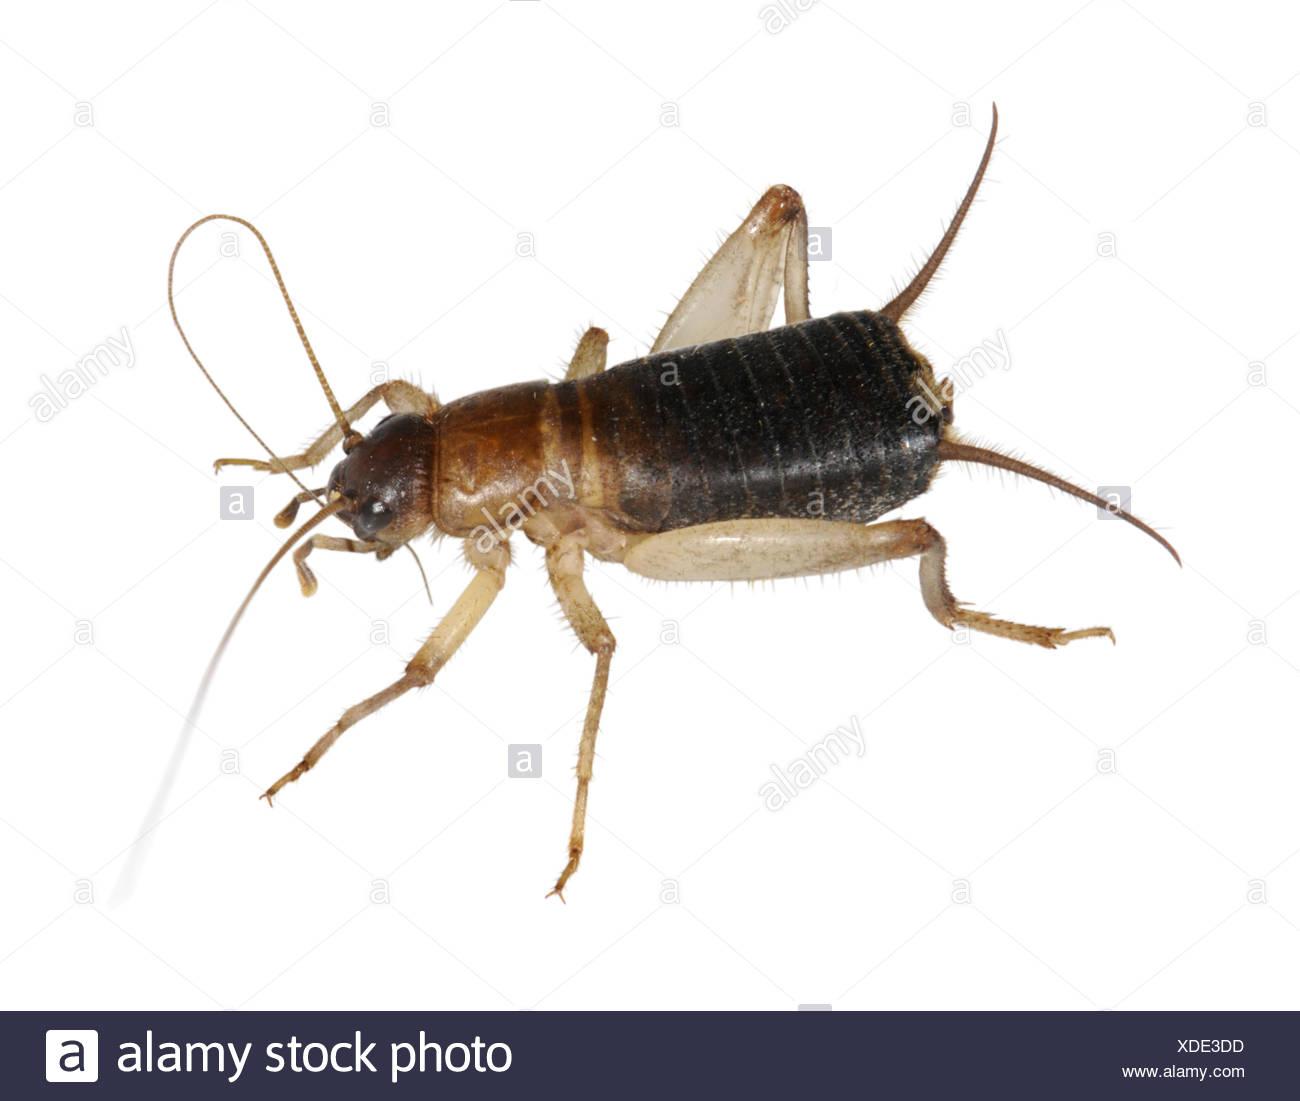 Scaly Cricket - Pseudomogoplistes vincentae - Stock Image